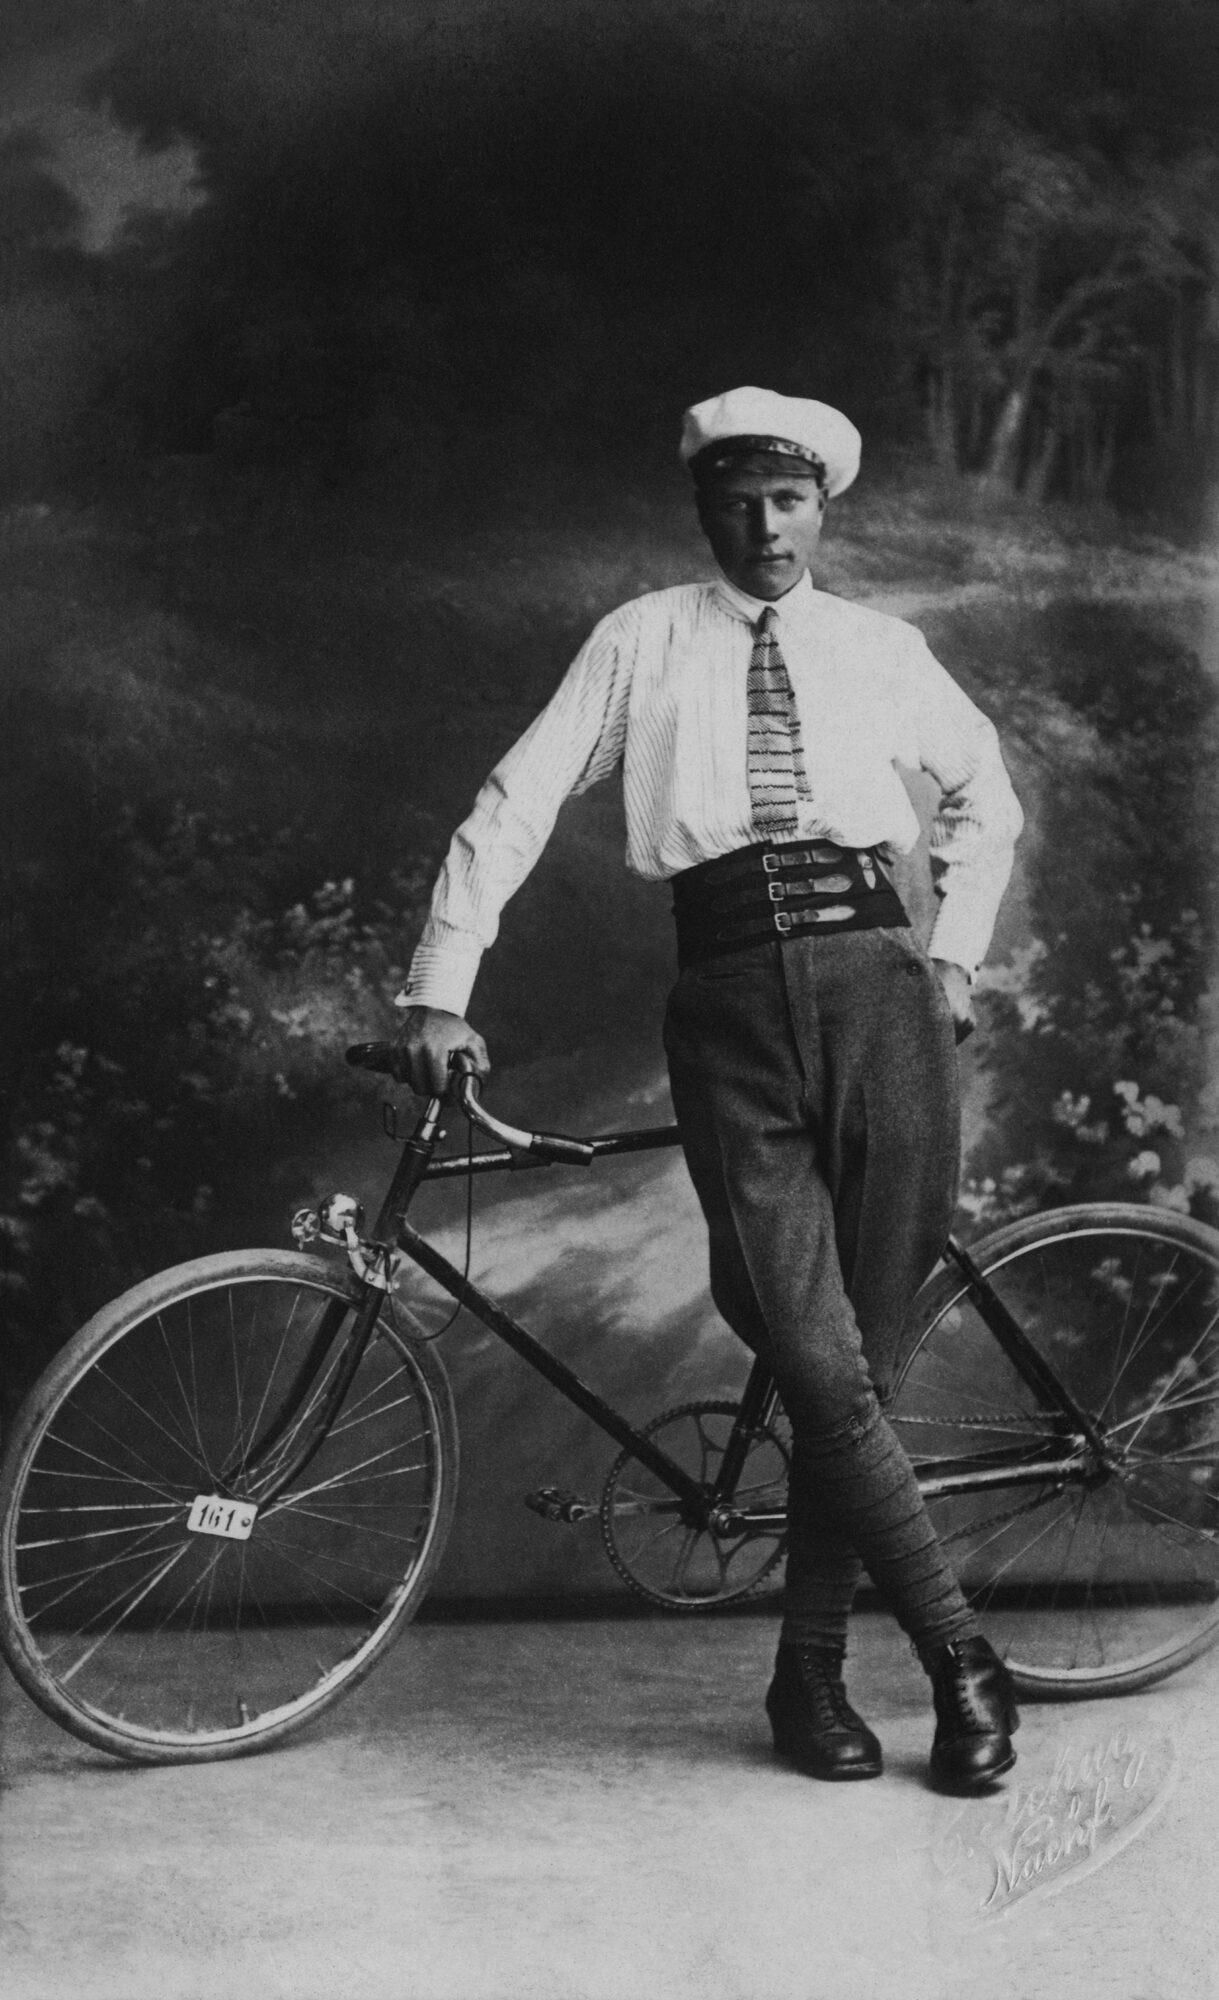 Liepājas muzejs iepazīstina ar velobraucēju modi 19. un 20. gadsimtā